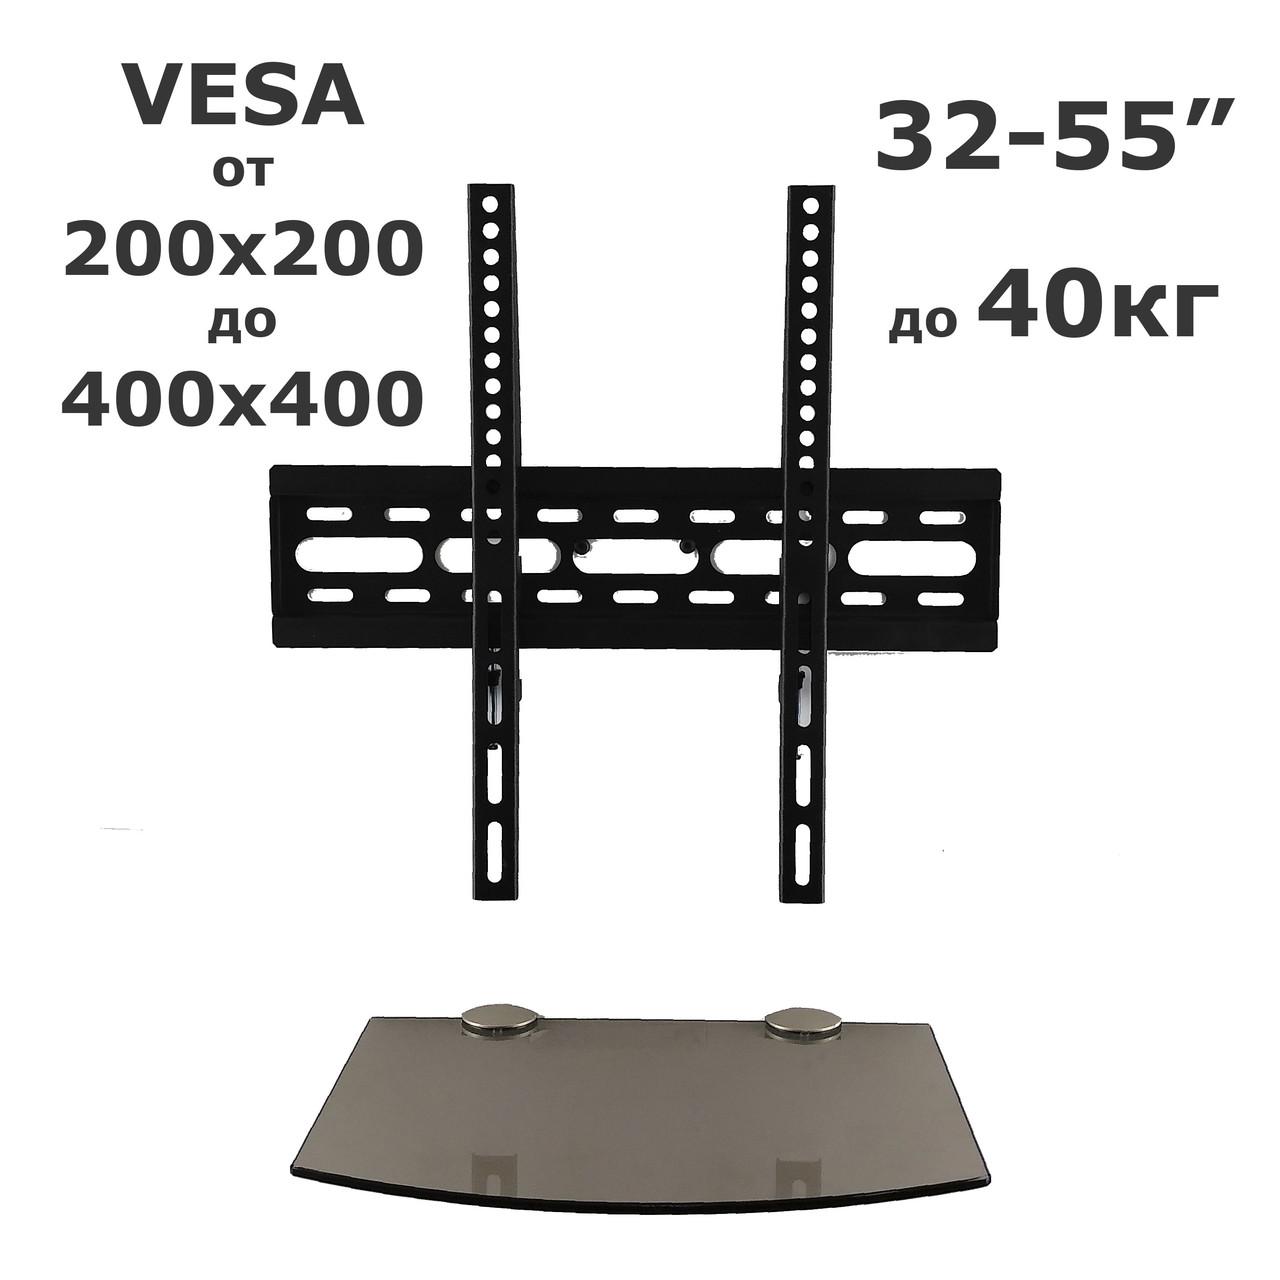 Комплект для TV и тюнера - кронштейн 907SF и полка Bronze (Шоколад) 180*350*6